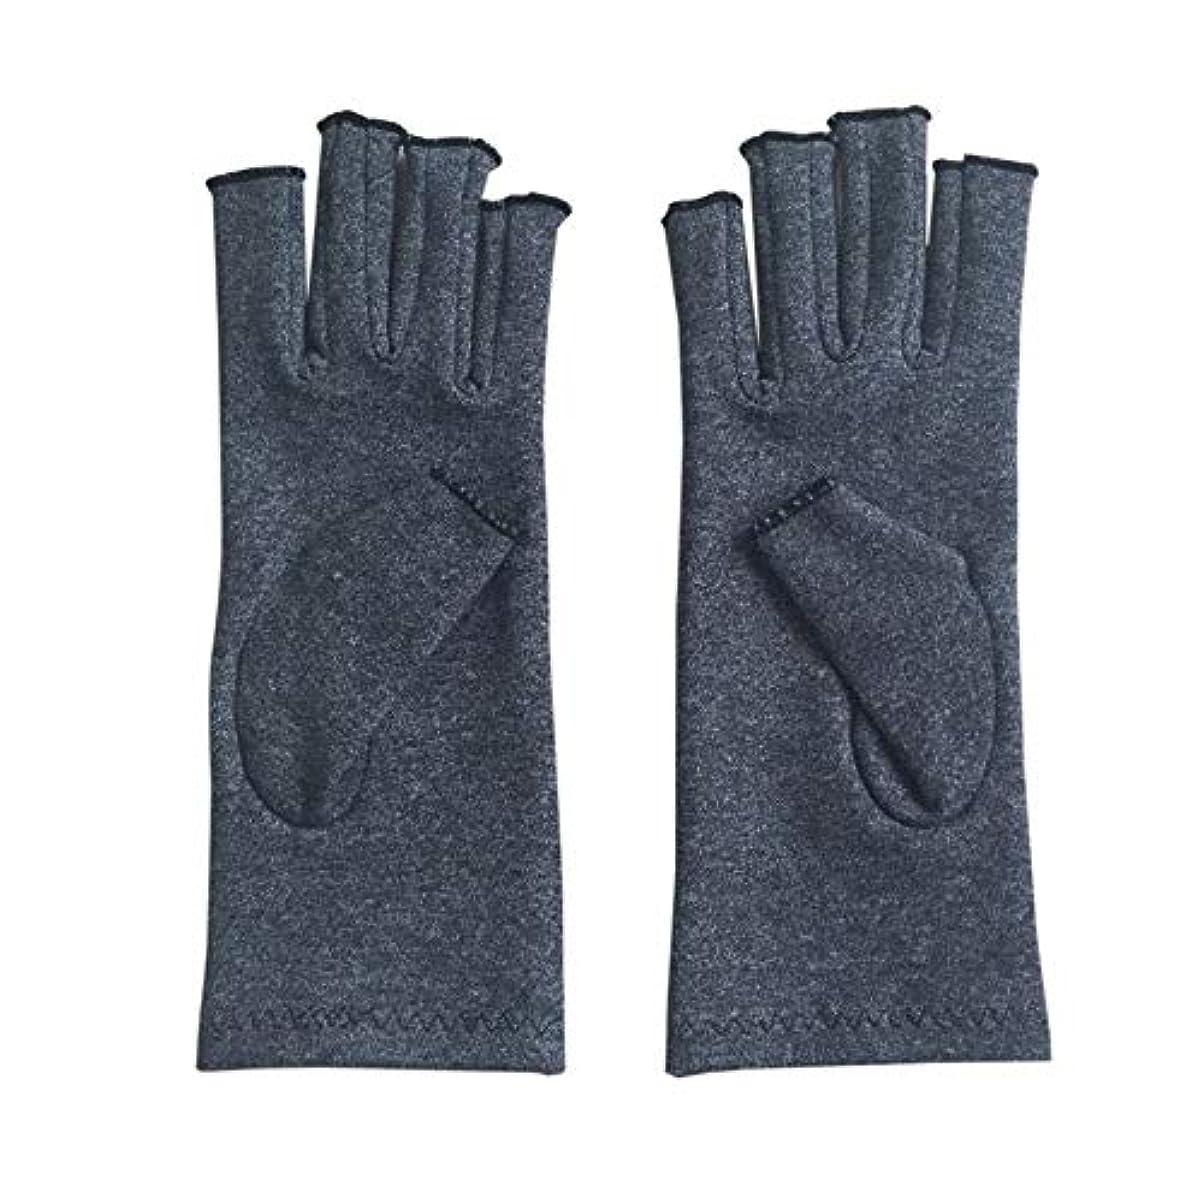 バイアス将来の施しAペア/セット快適な男性用女性療法圧縮手袋無地通気性関節炎関節痛緩和手袋 - グレー